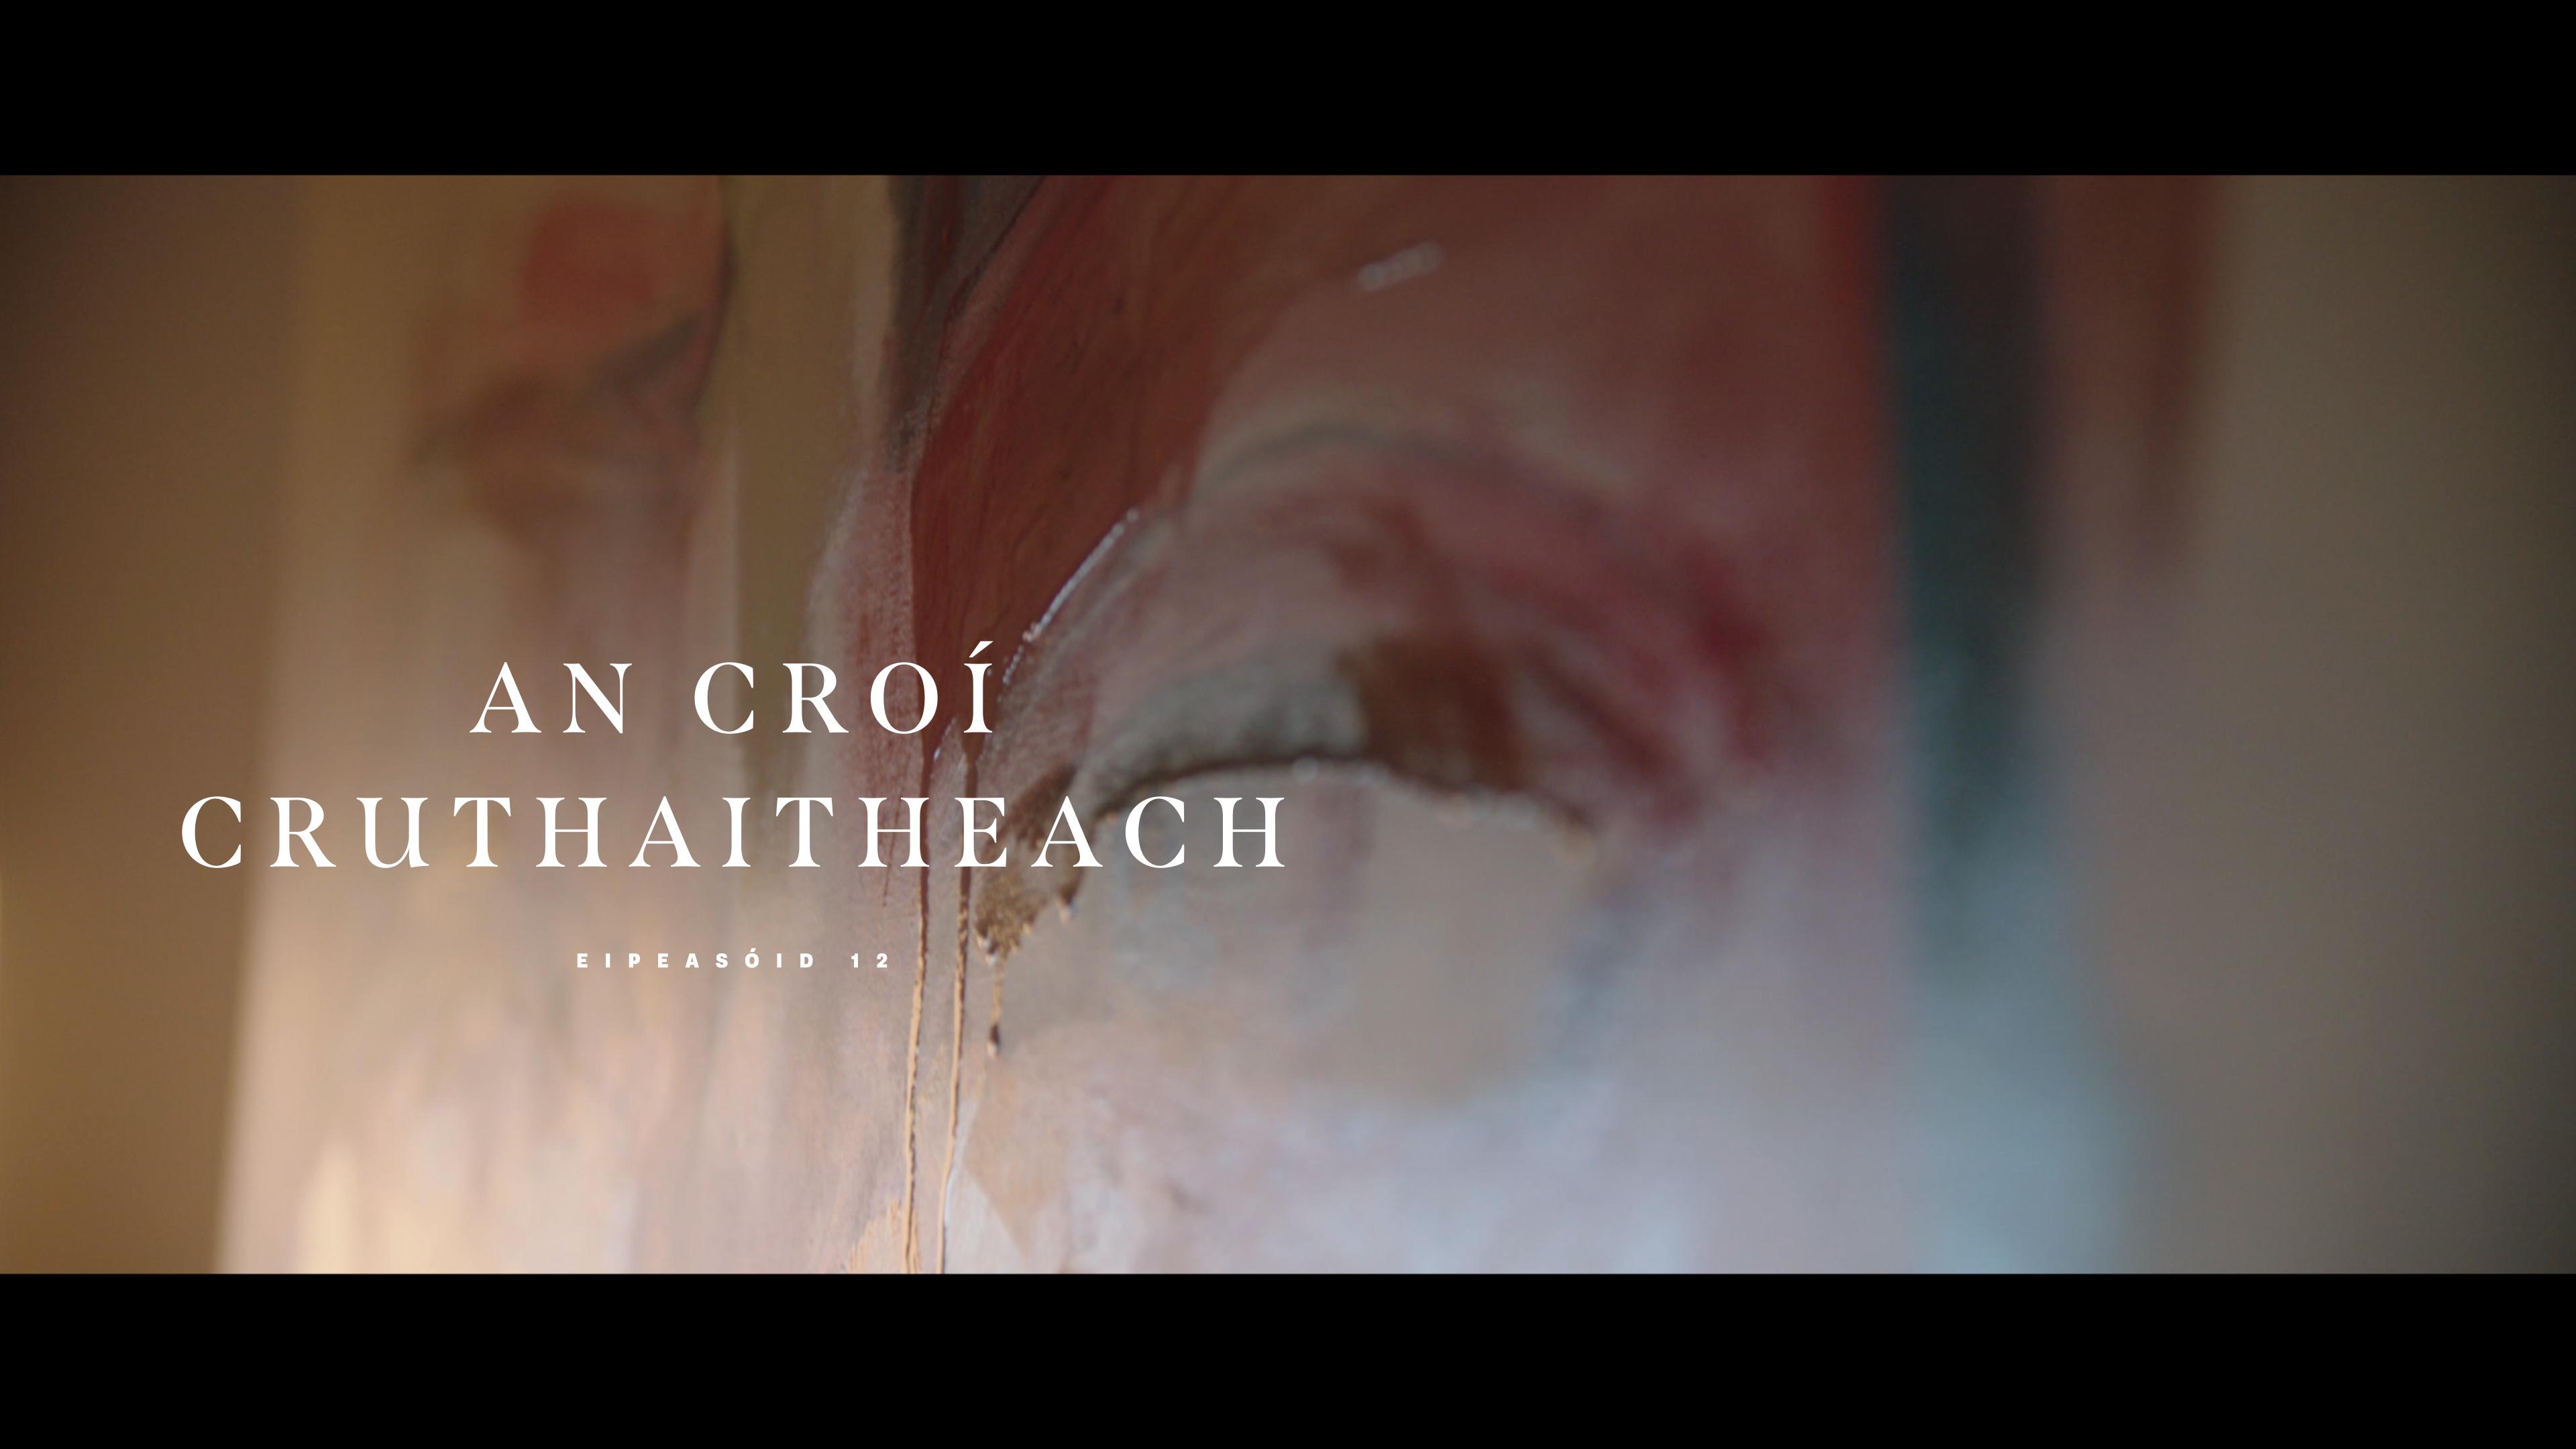 Cover image: Samhlú Croí Cruthaitheach